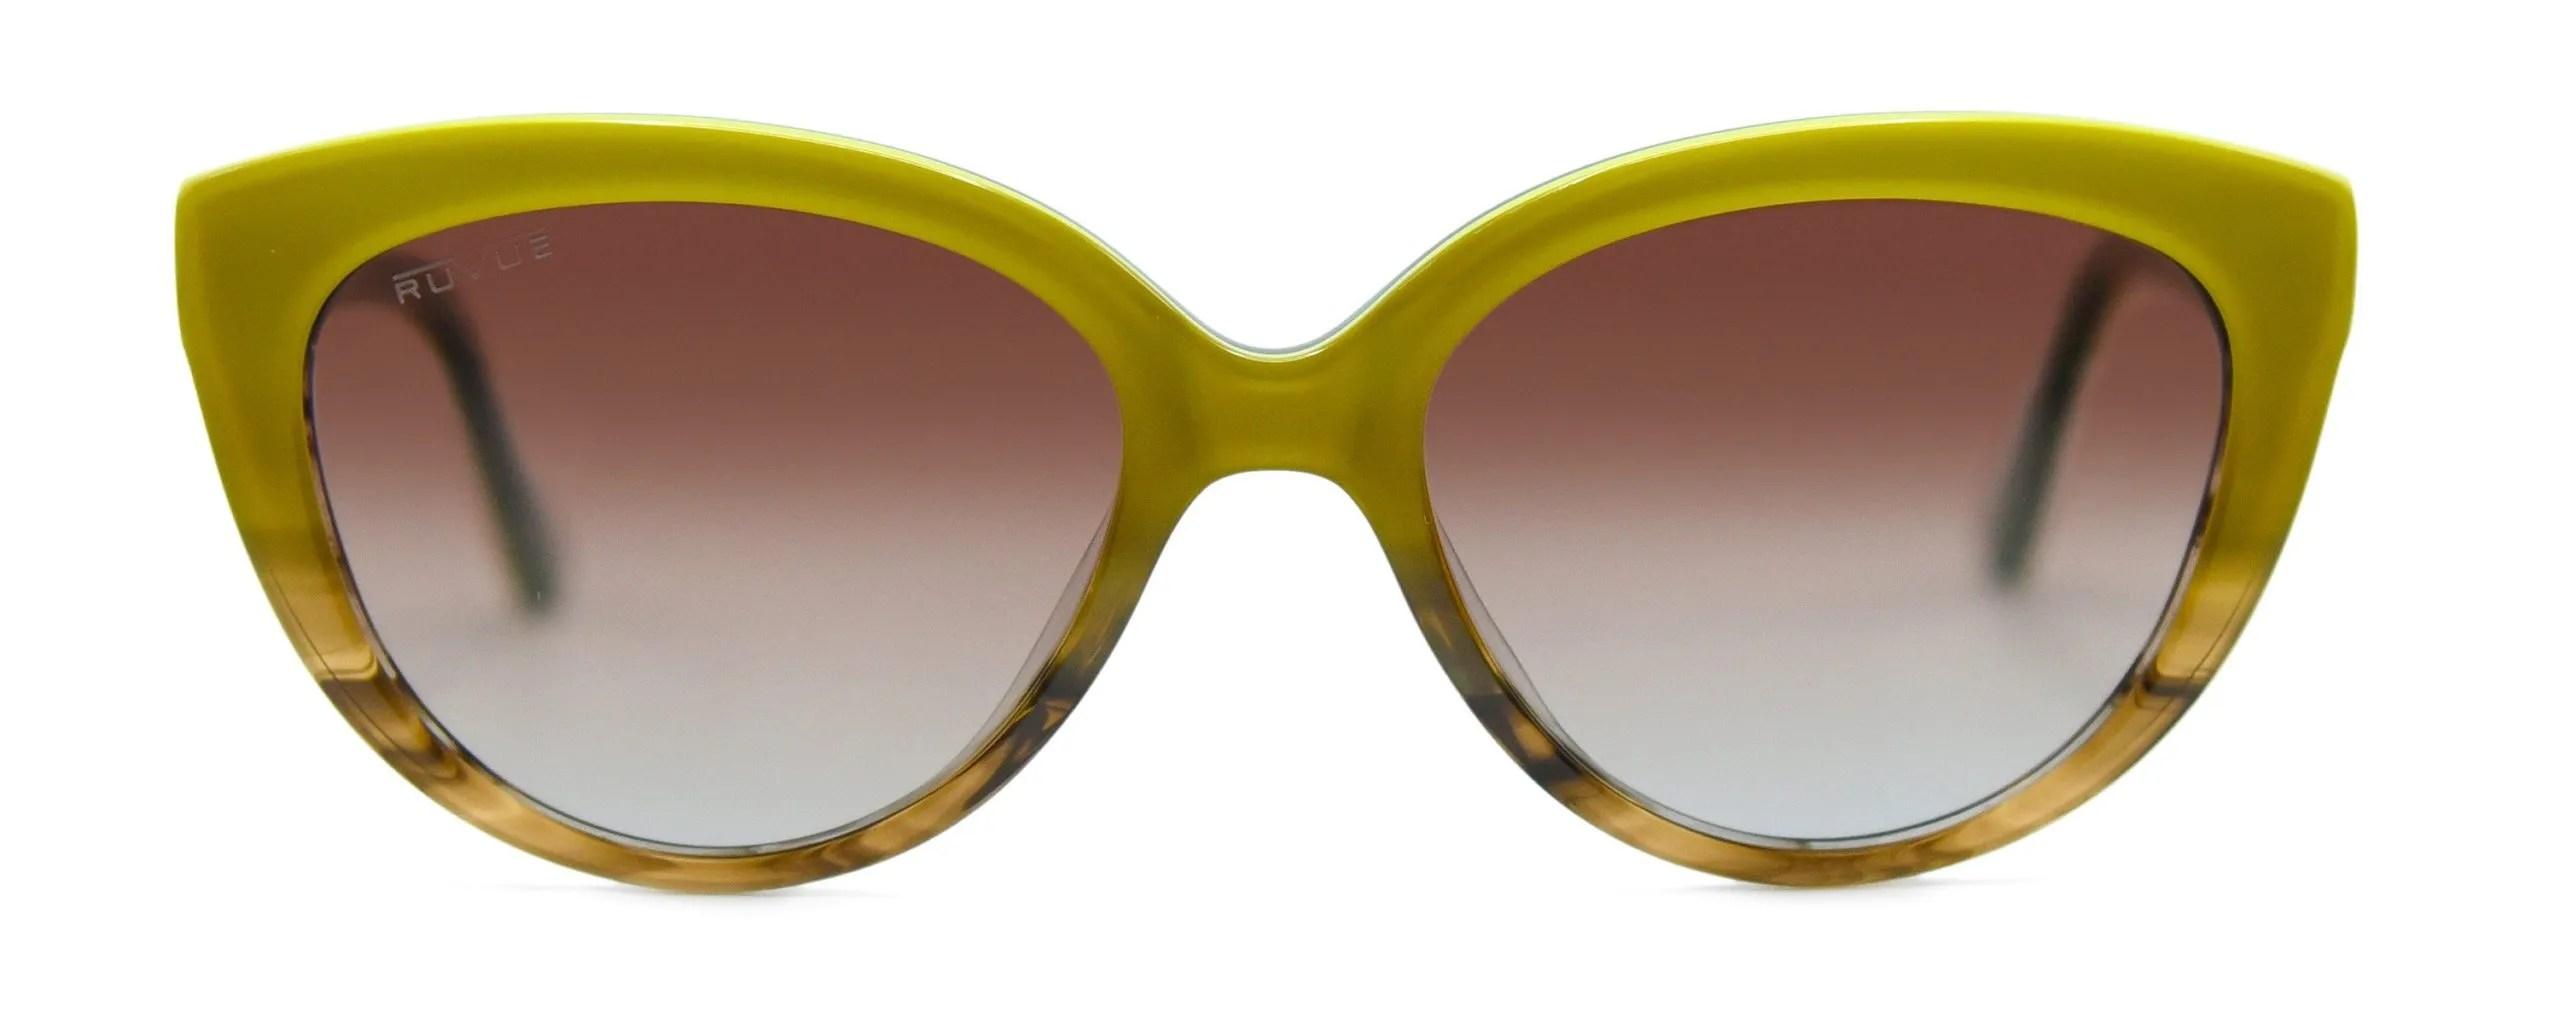 Magdalene - Honey Caramel Green Brown Polarized Lenses - Front